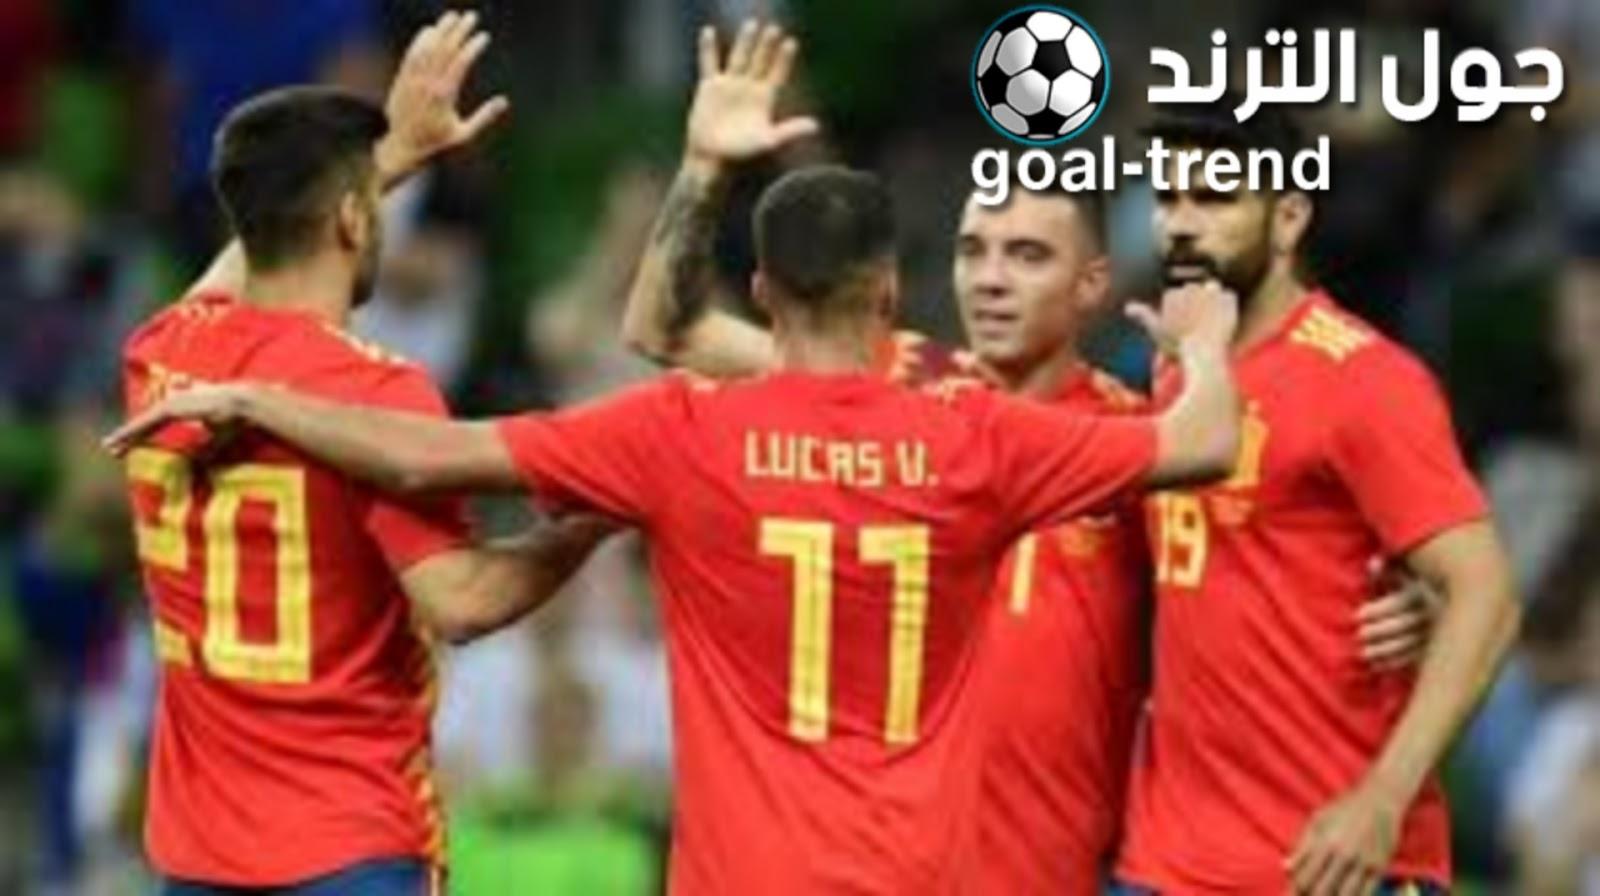 نتيجة لقاء منتخب جزر فارو ومنتخب اسبانيا يوم الجمعة في التصفيات المؤهلة ليورو 2020